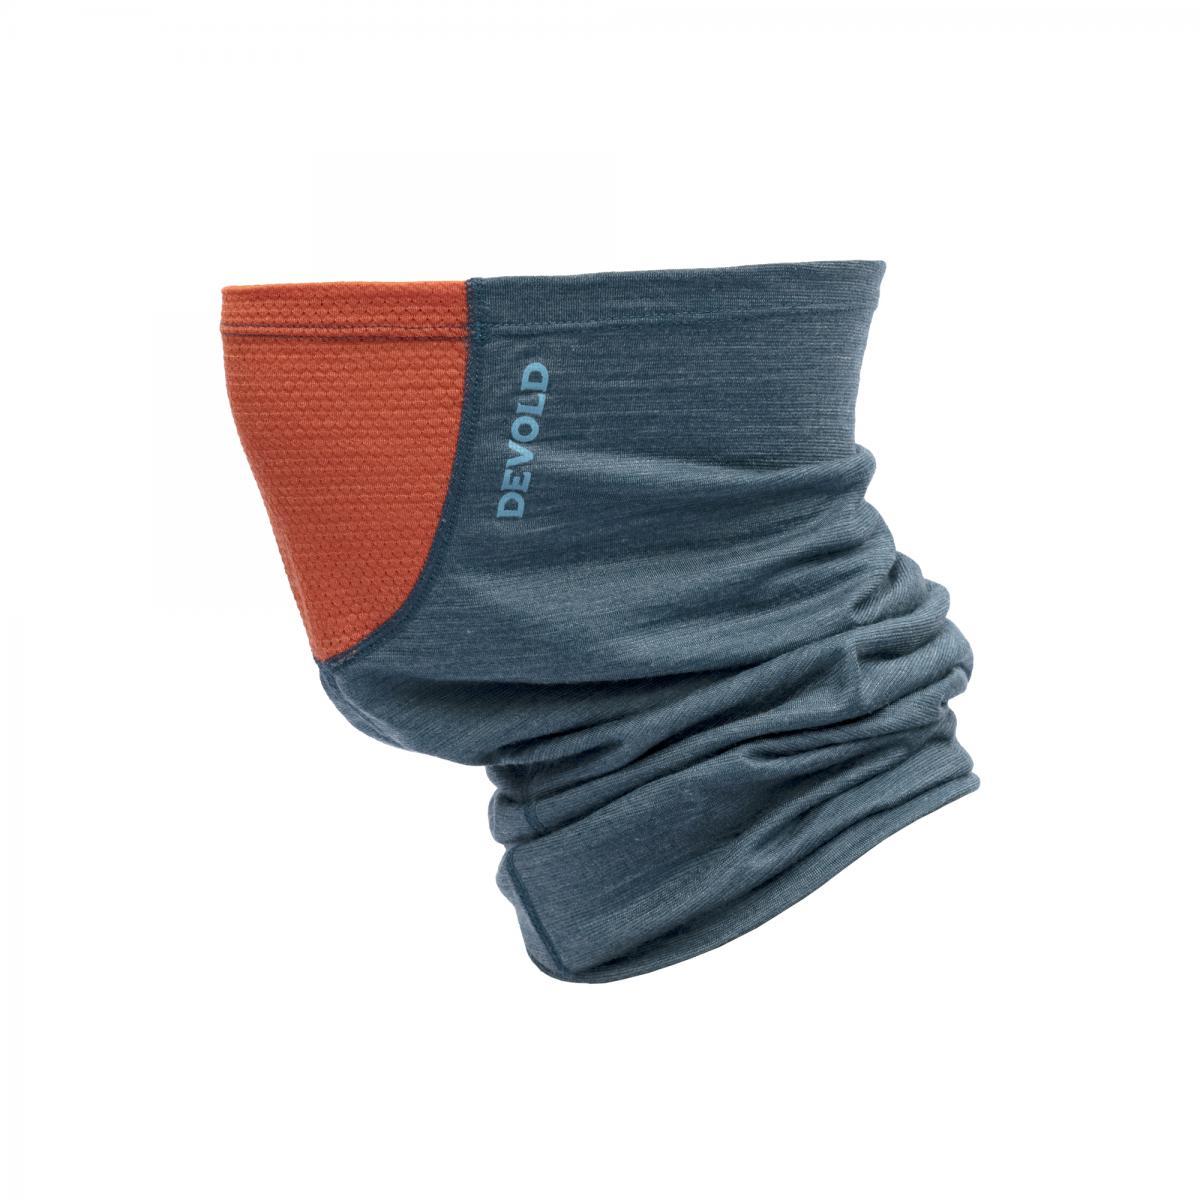 Devold Buff Refleks Gråblå/Oransje